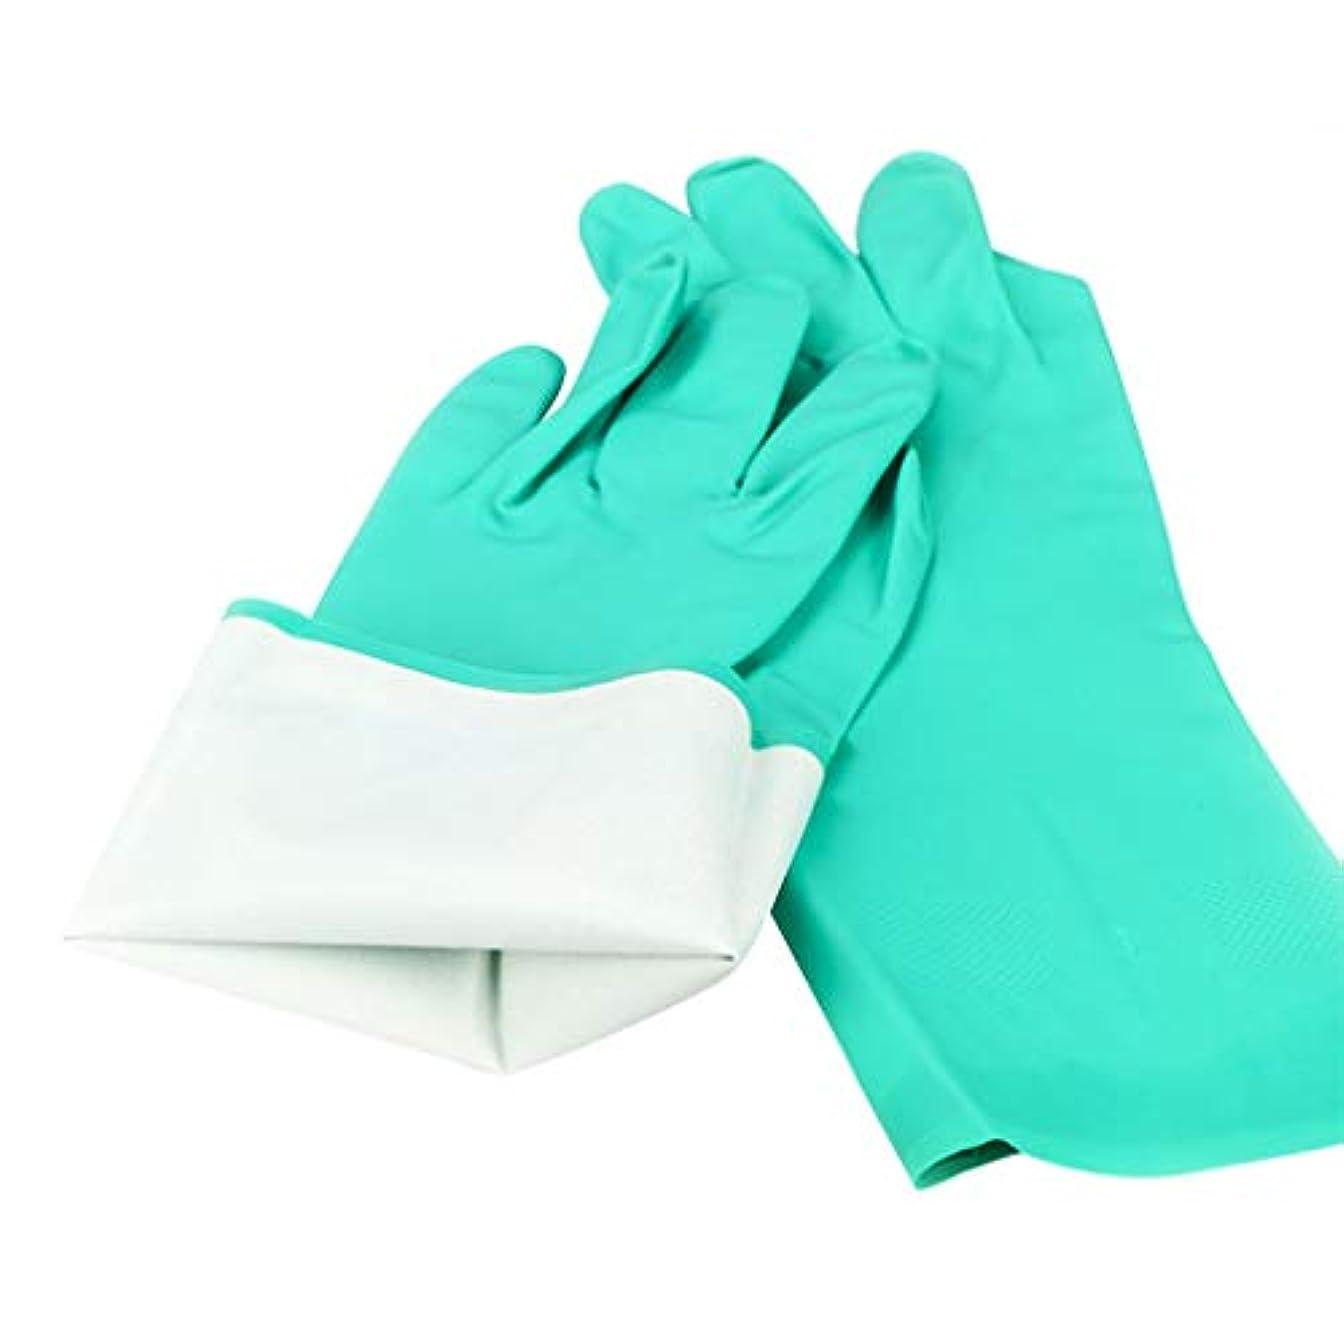 うぬぼれたリーク残高5ペア耐油性ニトリルゴム手袋 - 耐摩耗性耐油性滑り止め安全衛生丈夫な工業用保護 YANW (色 : 緑, サイズ さいず : L l)